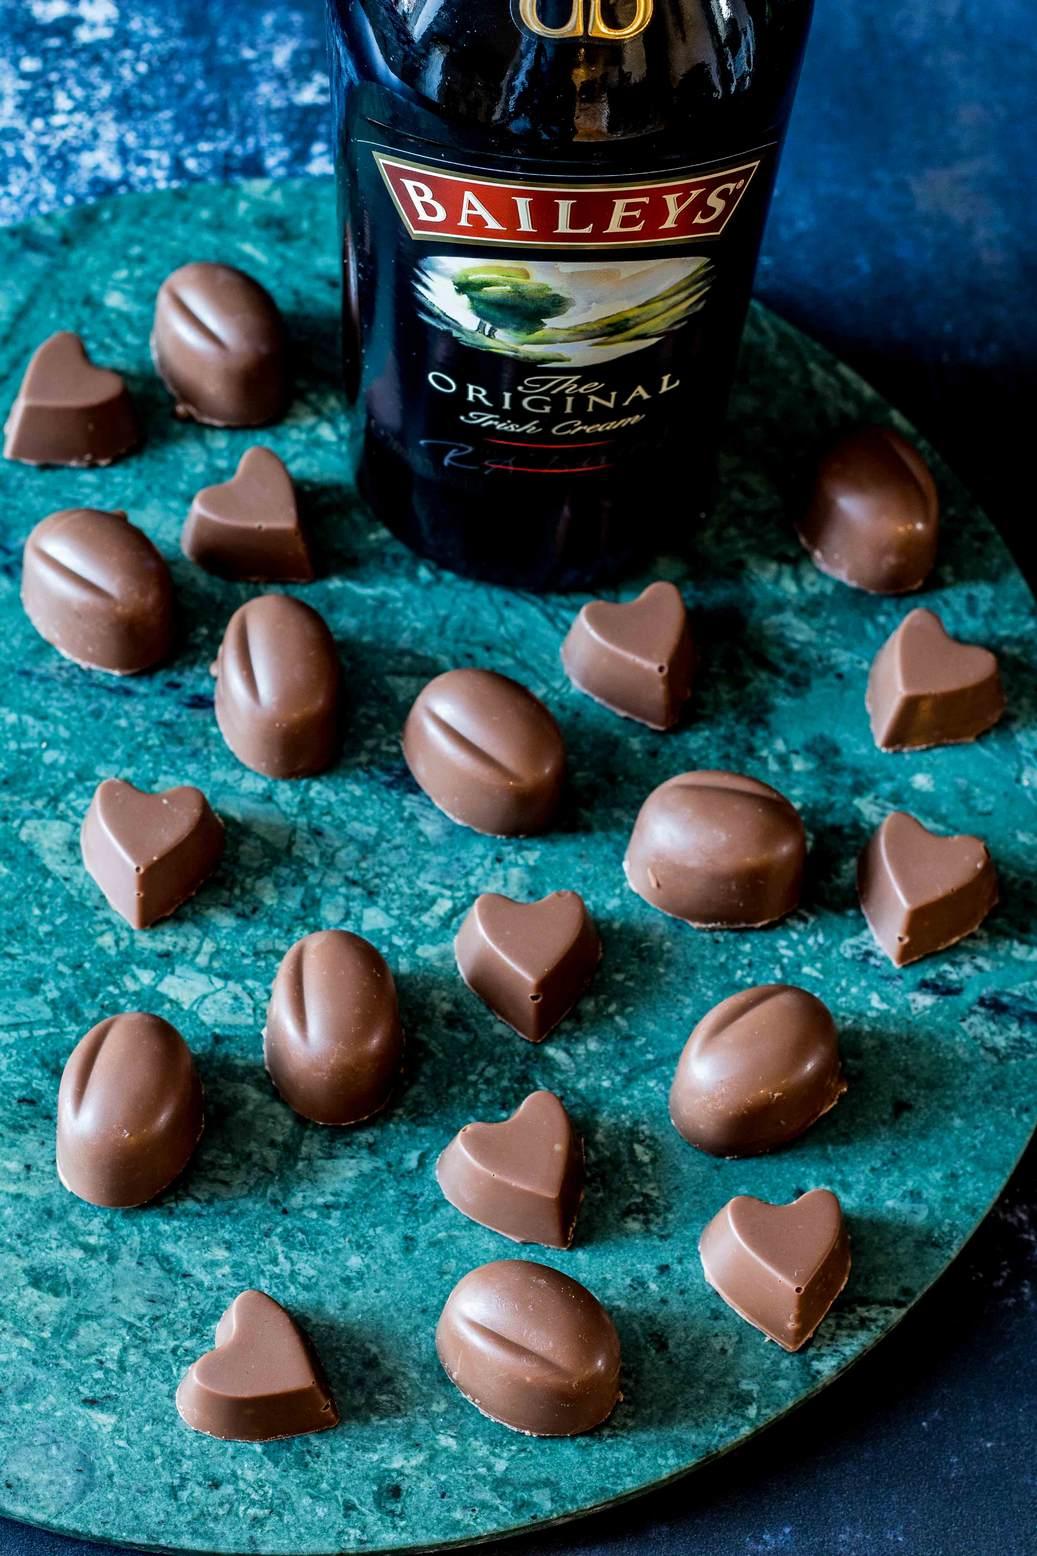 Trøffelkugler med Baileys (fyldte chokolader)